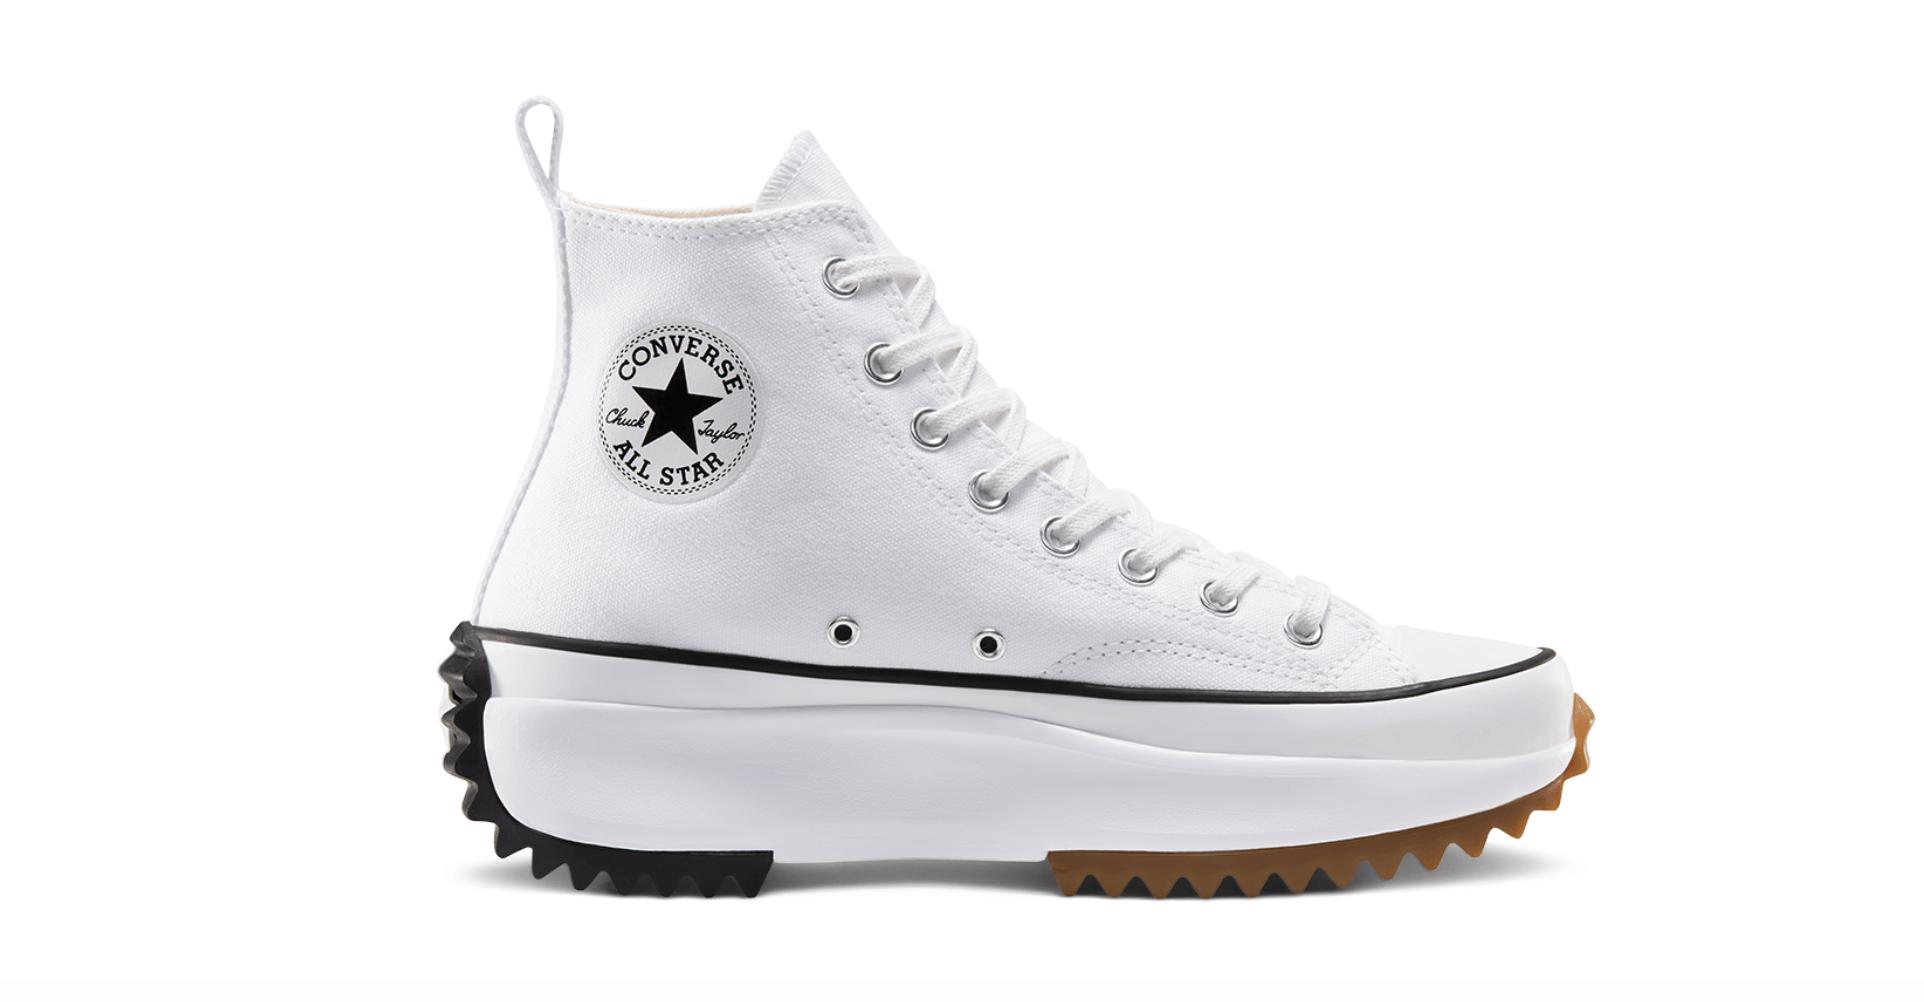 Modelos más recientes de zapatillas Converse